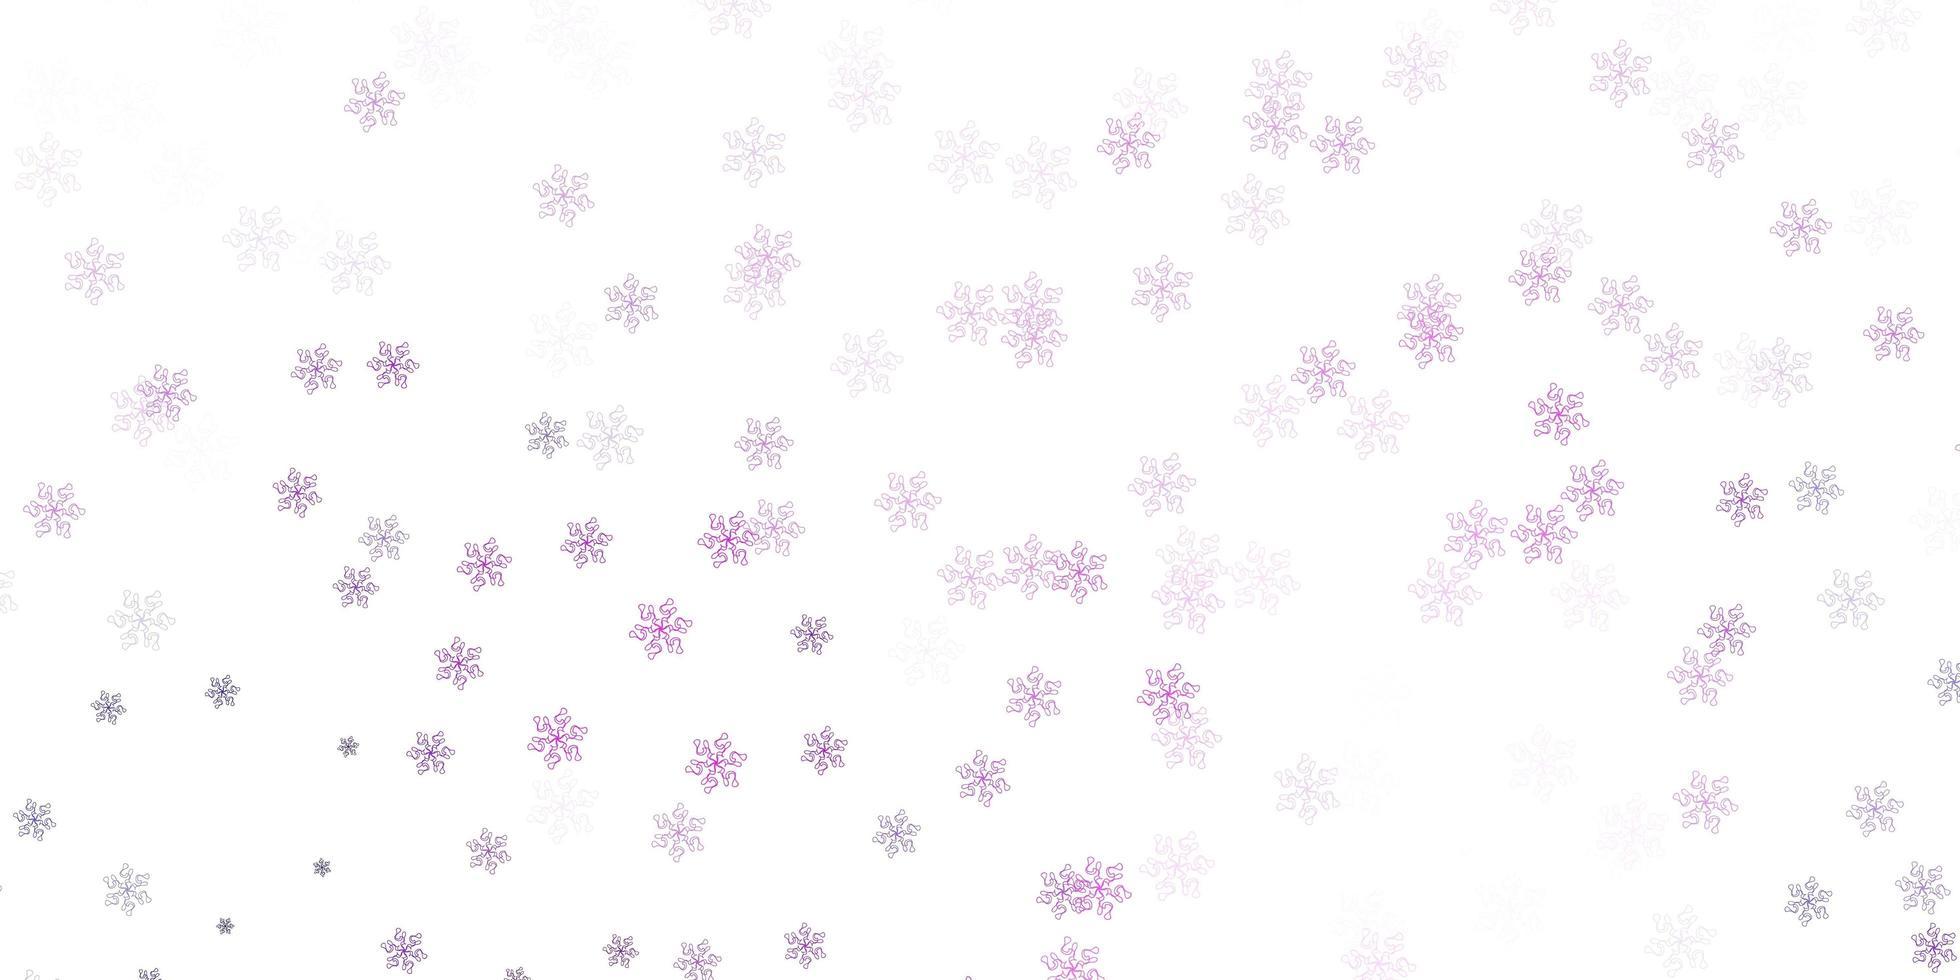 layout natural roxo claro, rosa com flores. vetor